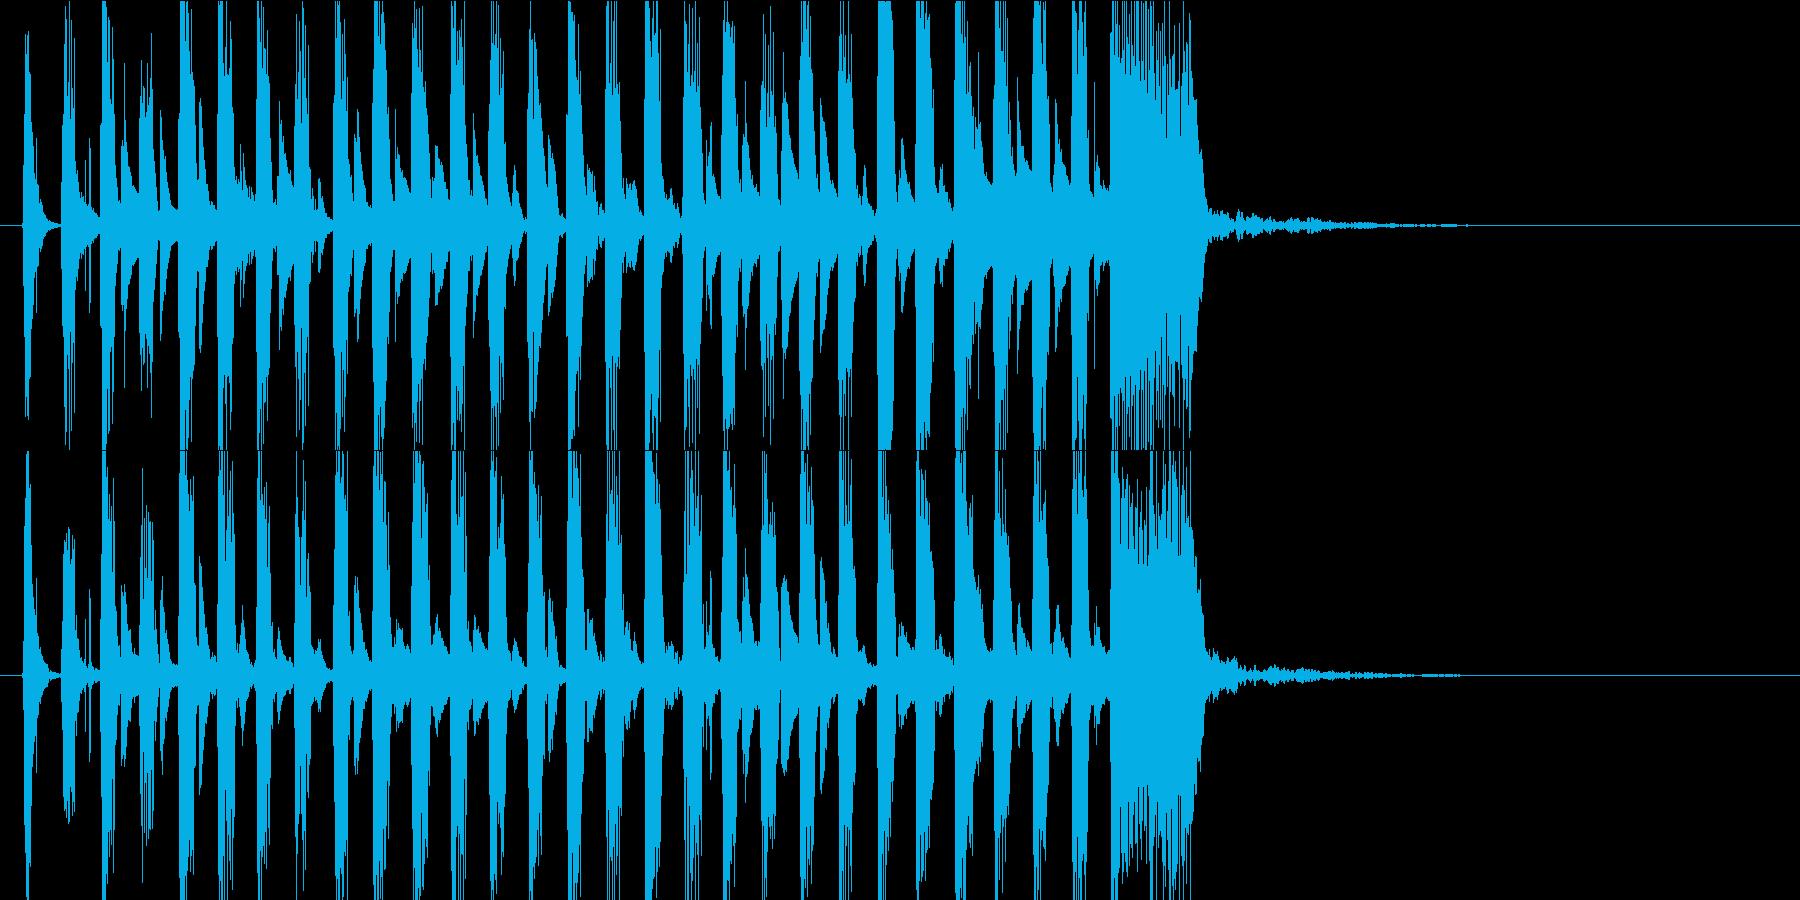 かわいいジングル ゲーム系のゆるかわの再生済みの波形